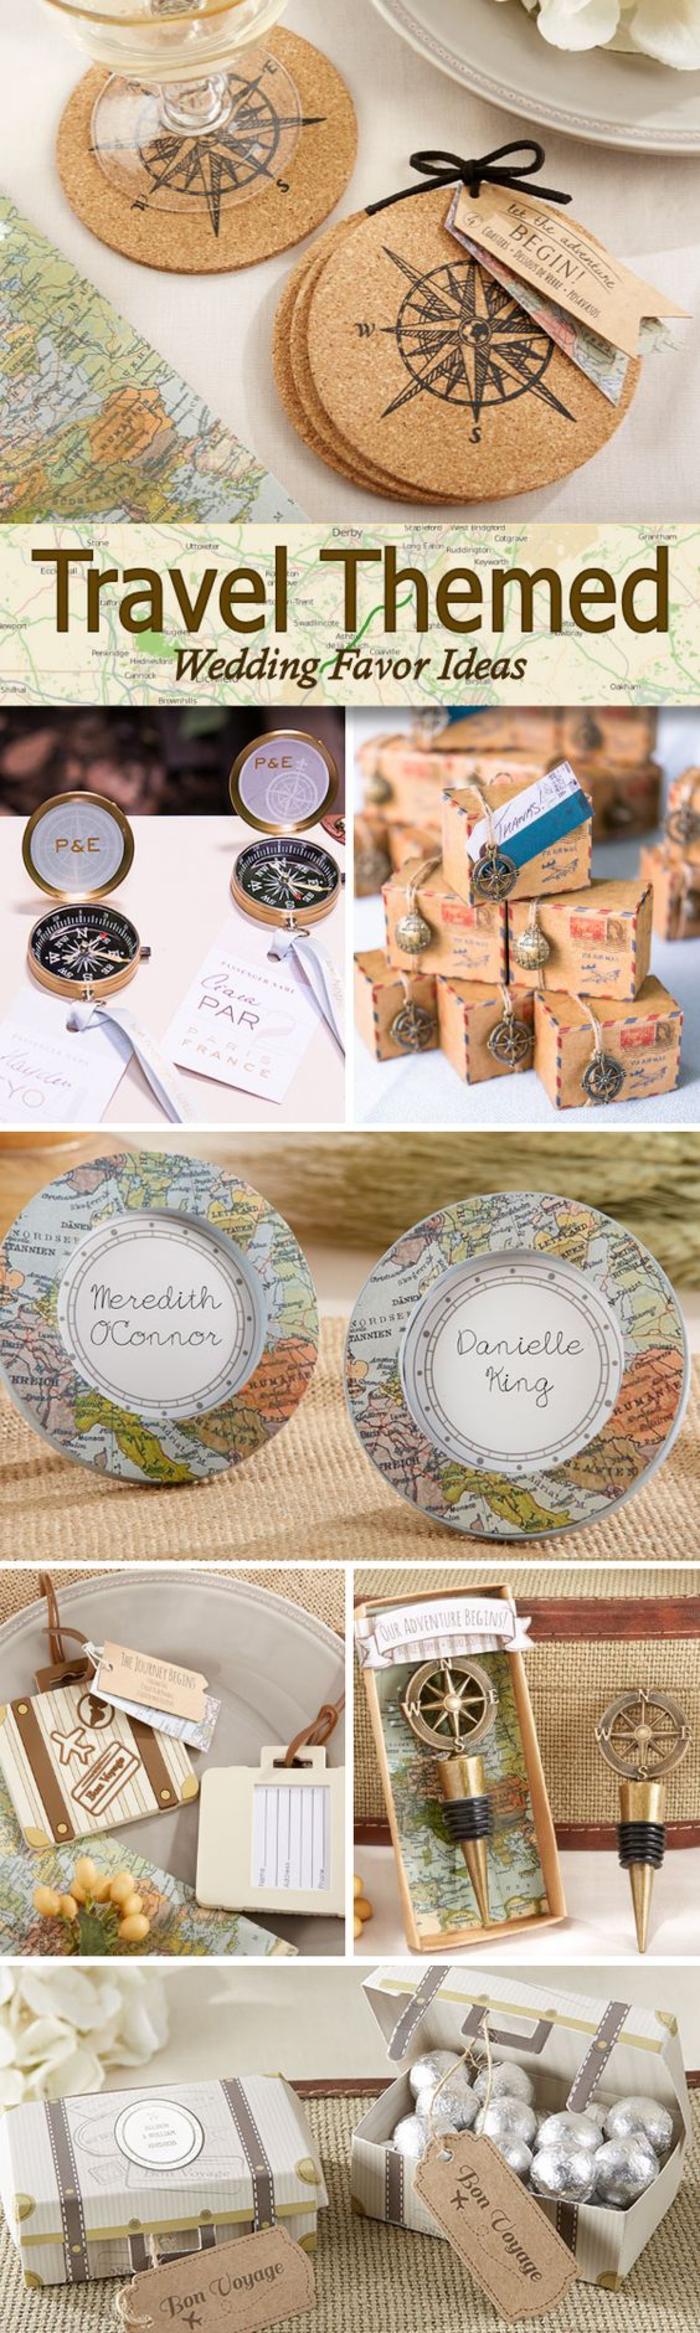 Idee Hochzeitsgeschenk Von Allen Gasten Holzmosaik Hochzeitspuzzle